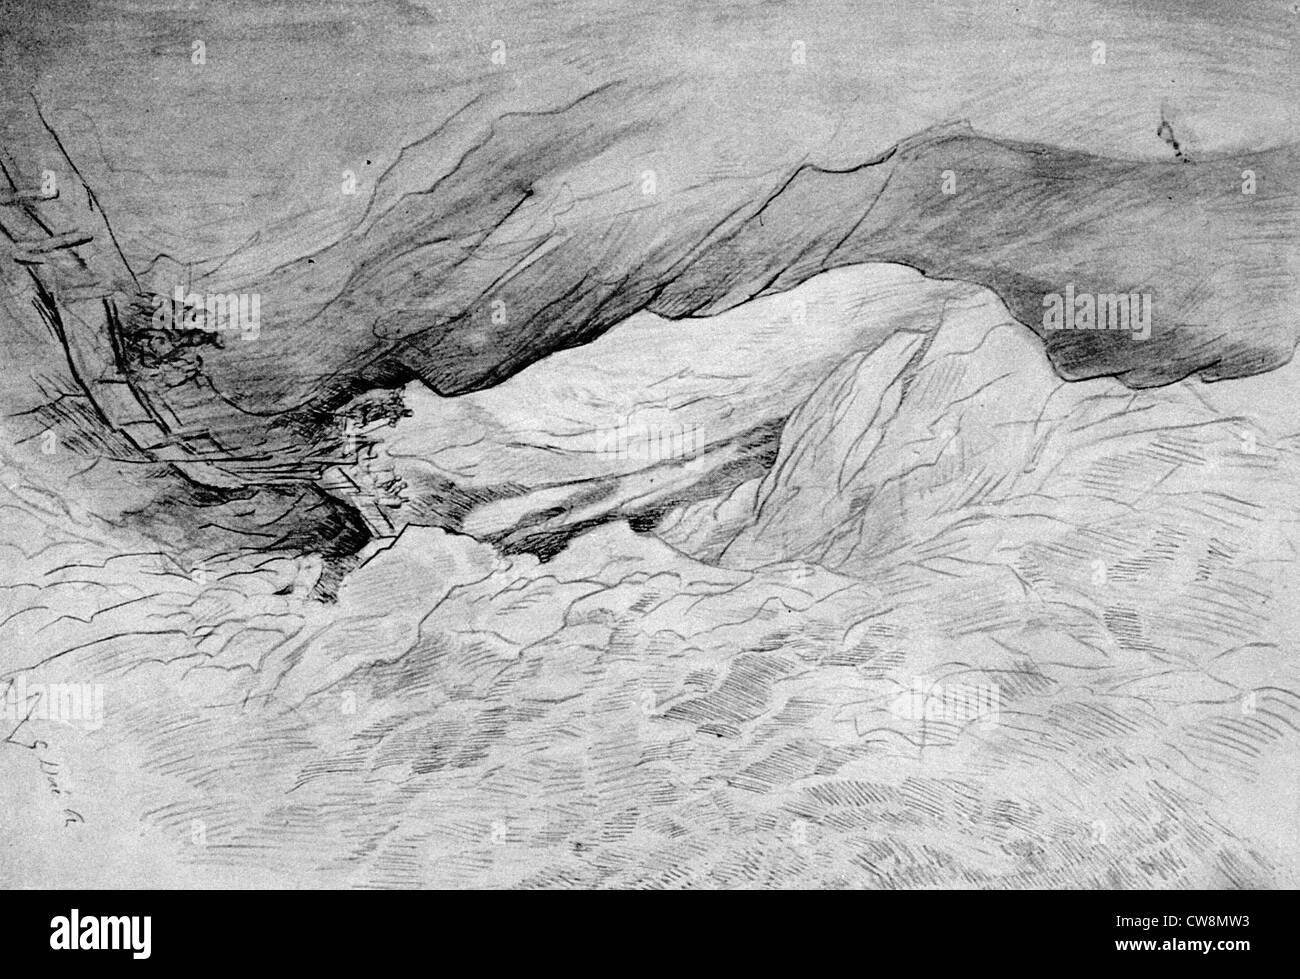 Gole rocciose, illustrazione di Gustave Doré Immagini Stock